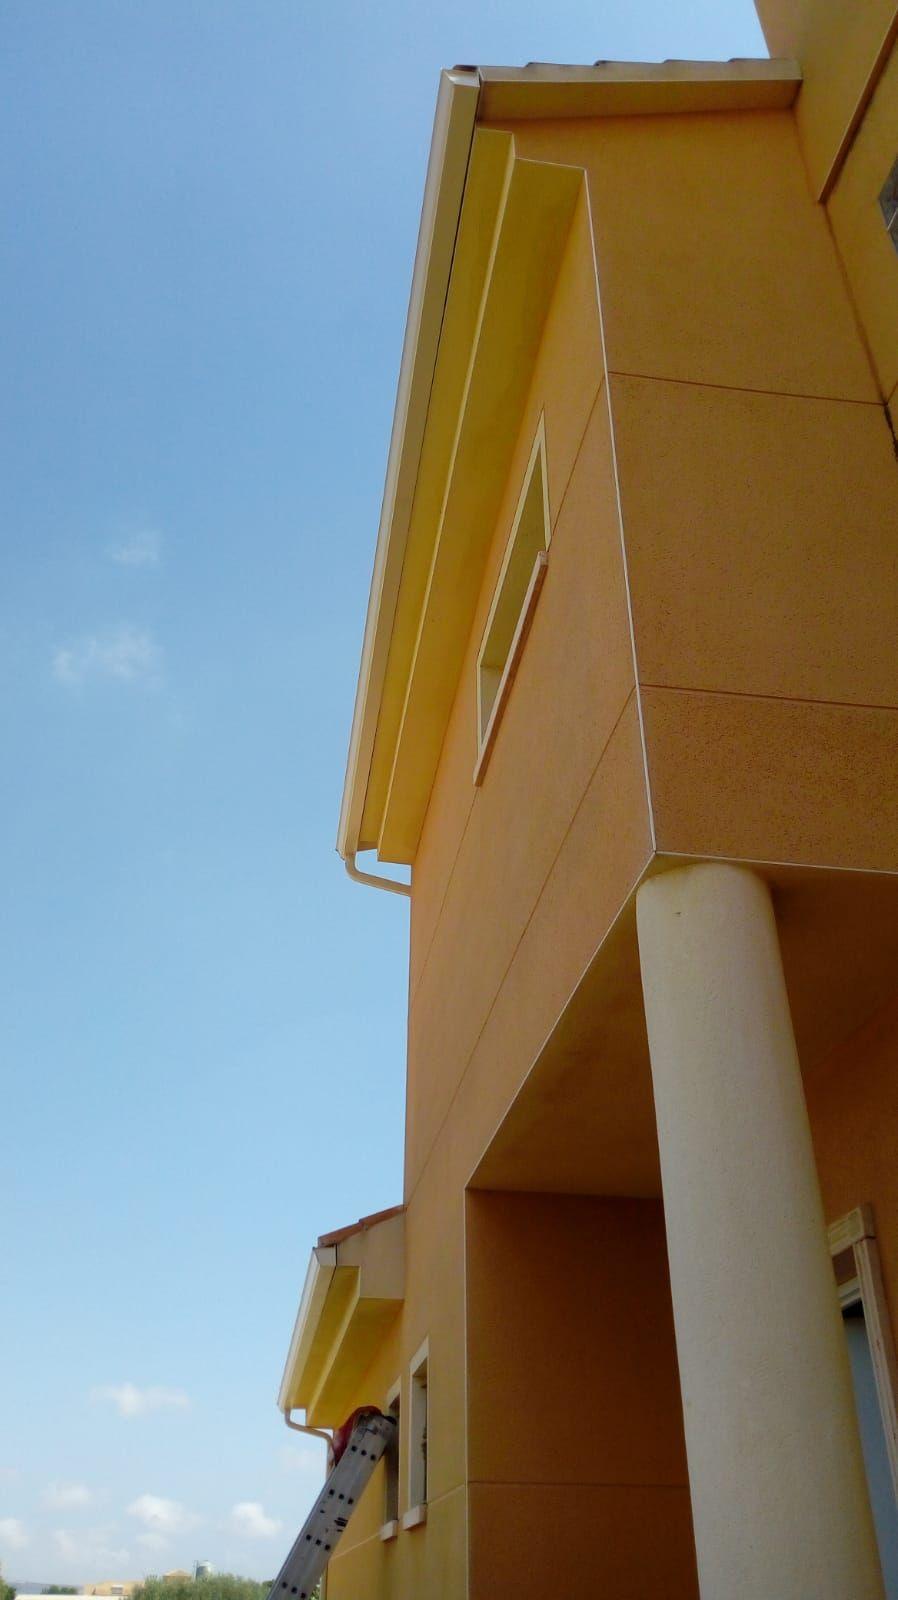 Canalon y bajadas en crema integrada,perfectamente en la vivienda